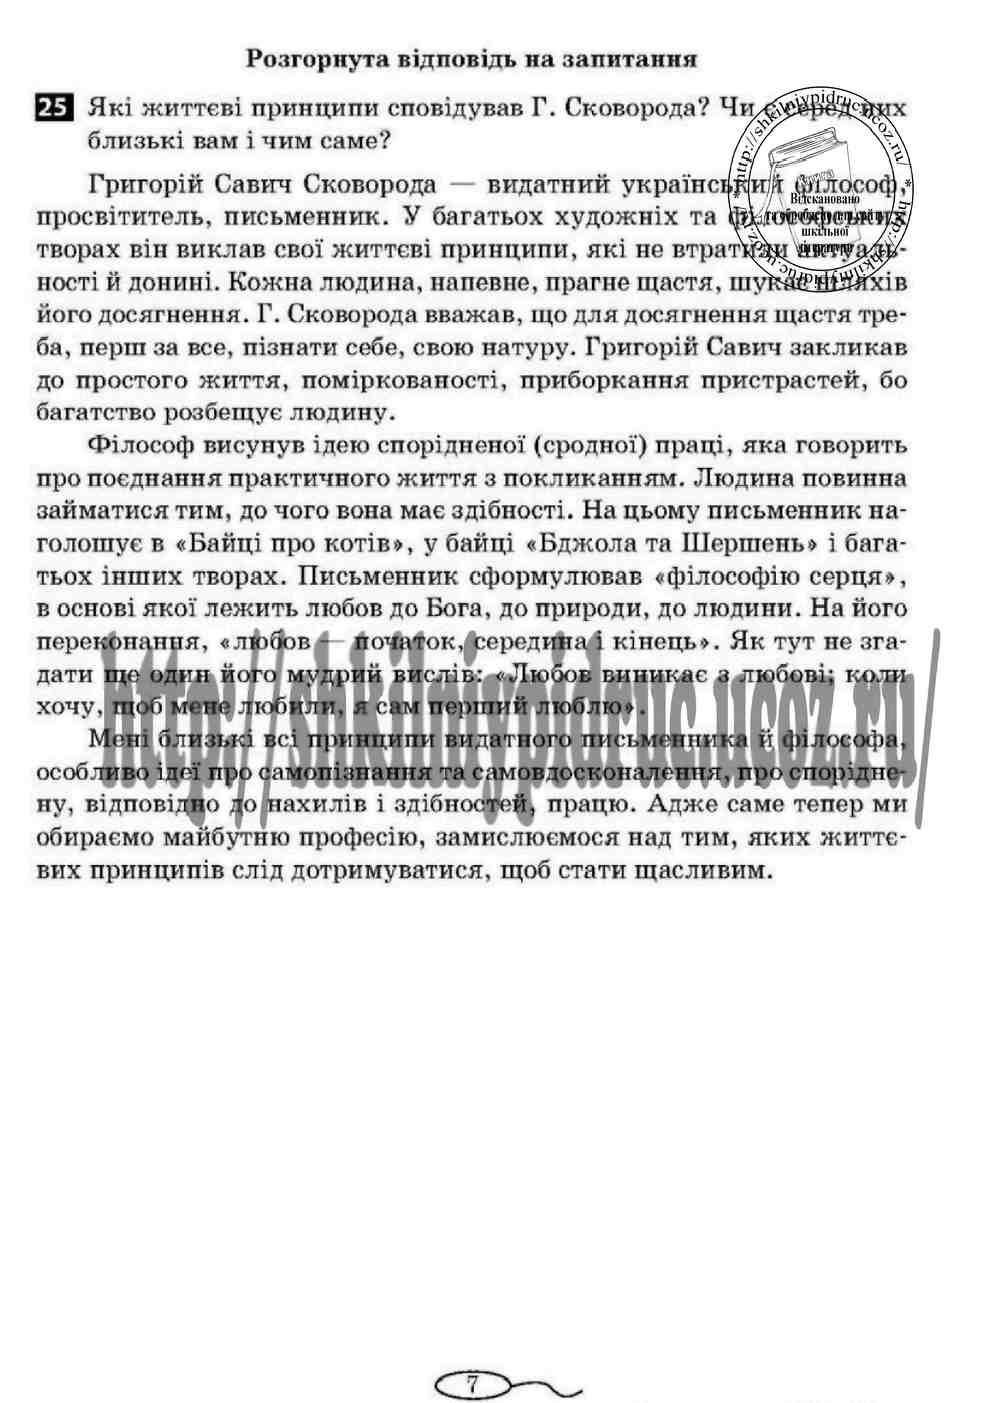 Гдз по украинской литературе 6 класс 2017